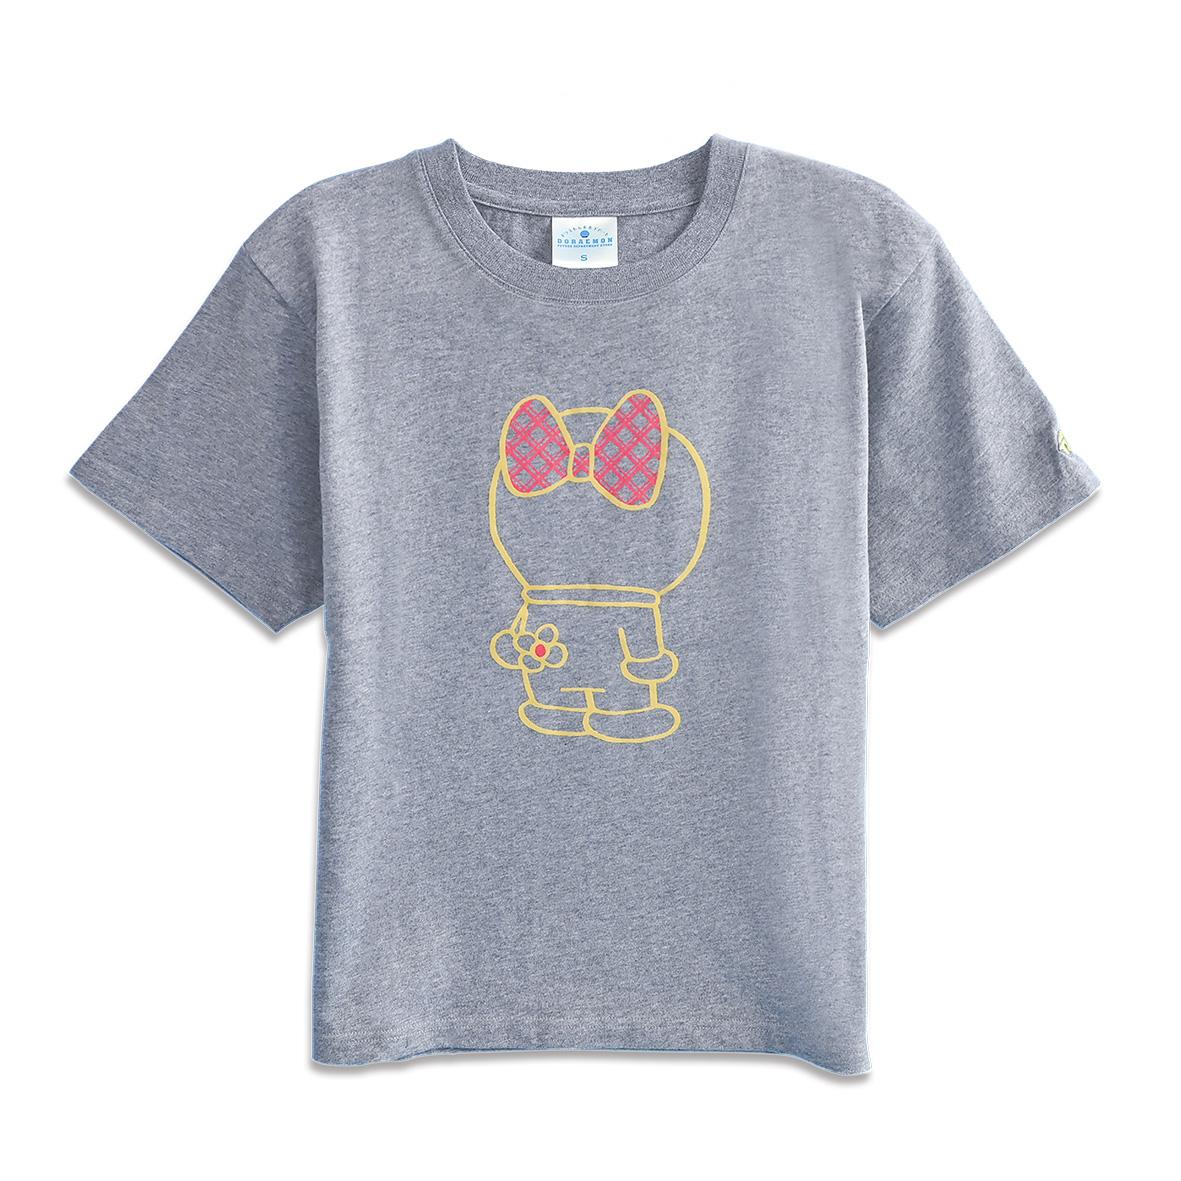 【オンライン限定】Tシャツ ドラミ後ろすがた グレー  L